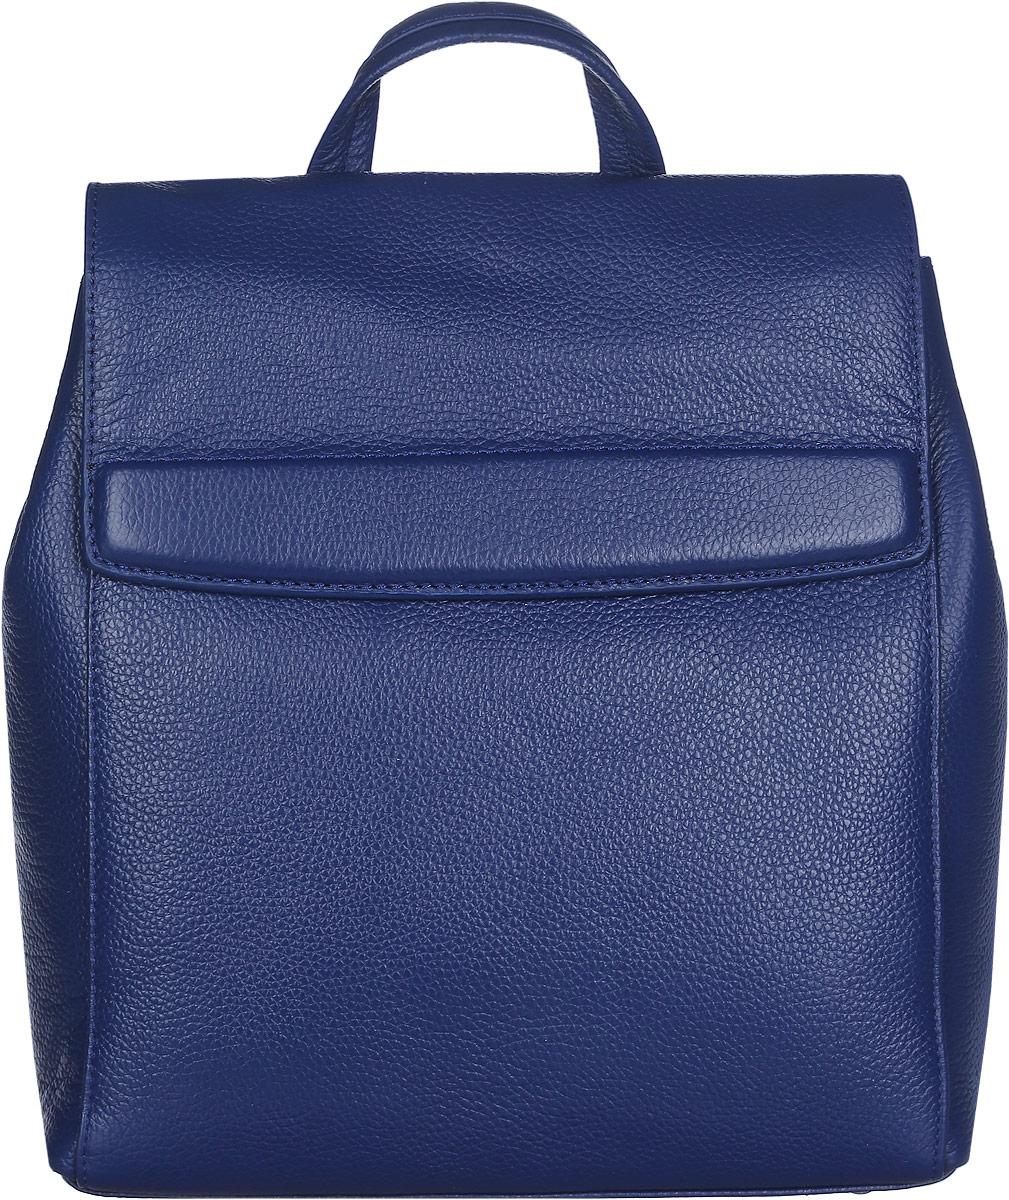 Рюкзак женский Labbra, цвет: синий. L-DL9077101225Стильный женский рюкзак Labbra выполнен из натуральной кожи с зернистой фактурой, оформлен металлической фурнитурой и фирменным брелоком.Изделие содержит одно основное отделение, закрывающееся на замок-вертушку и дополнительно клапаном на скрытые магниты. Внутри расположены два накладных кармашка для мелочей, врезной карман на молнии, открытый карман и накладной карман на молнии. Спинка изделия дополнена небольшим вертикальным врезным карманом на молнии. Боковые стороны фиксируются кнопками. Рюкзак оснащен удобными плечевыми лямками регулируемой длины, а также ручкой для переноски в руке.Прилагается фирменная текстильная сумка для хранения изделия.Практичный аксессуар позволит вам завершить свой образ и быть неотразимой.